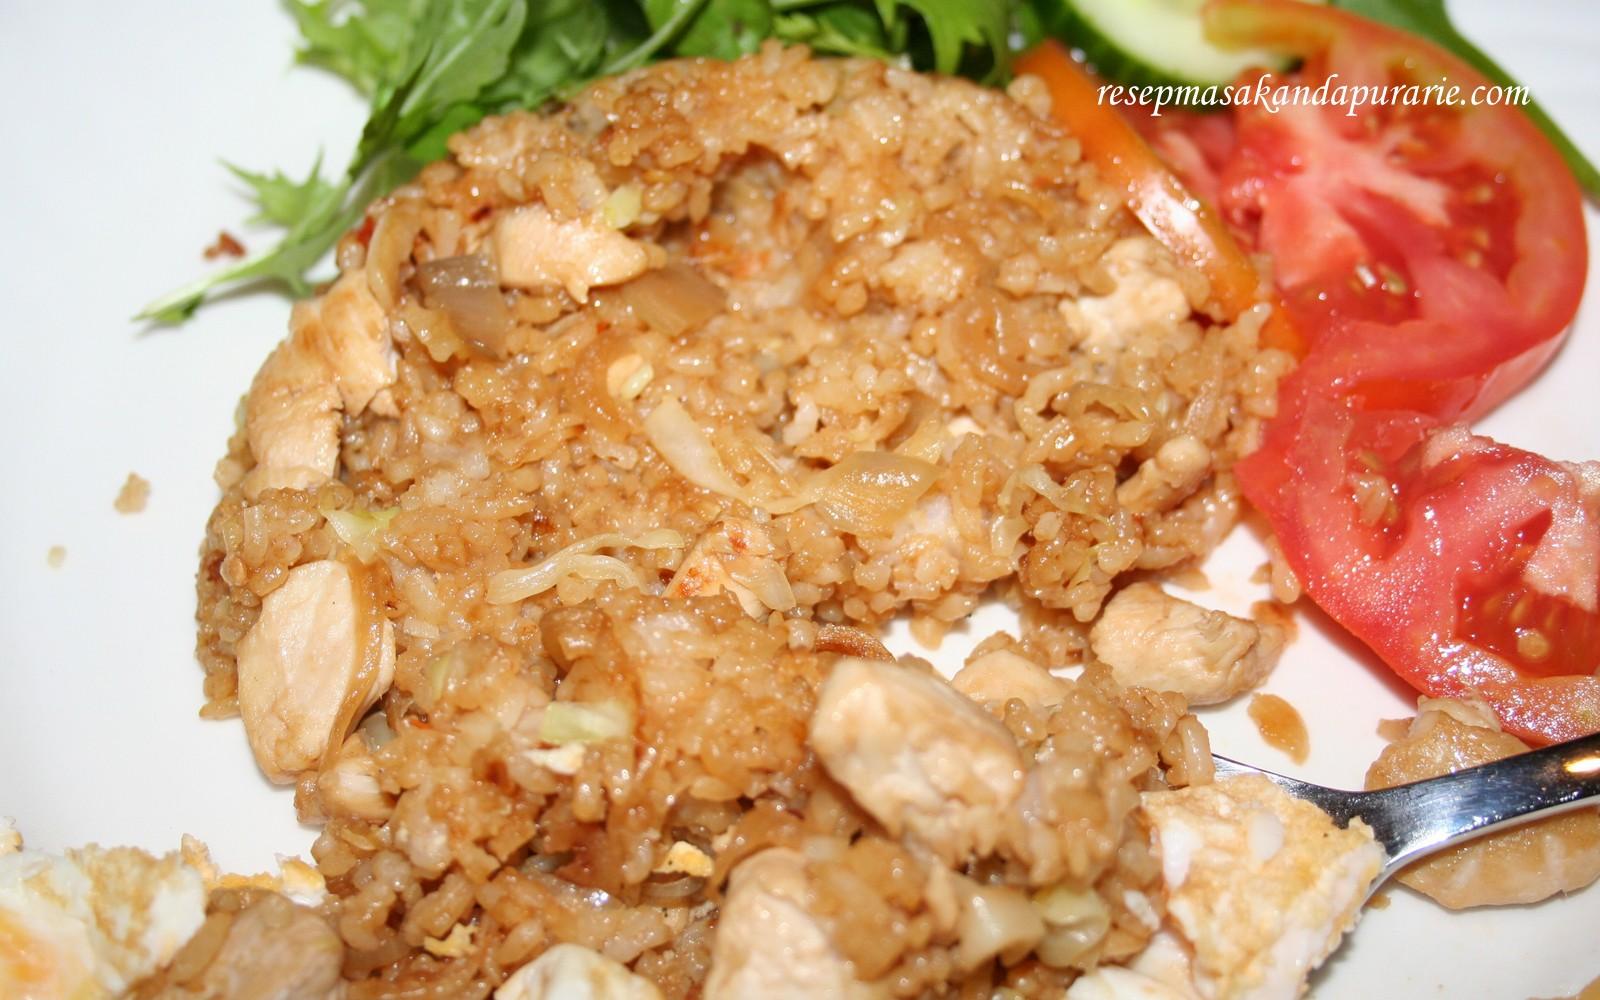 Resep Cara Membuat Nasi Goreng Spesial Enak dan Mudah